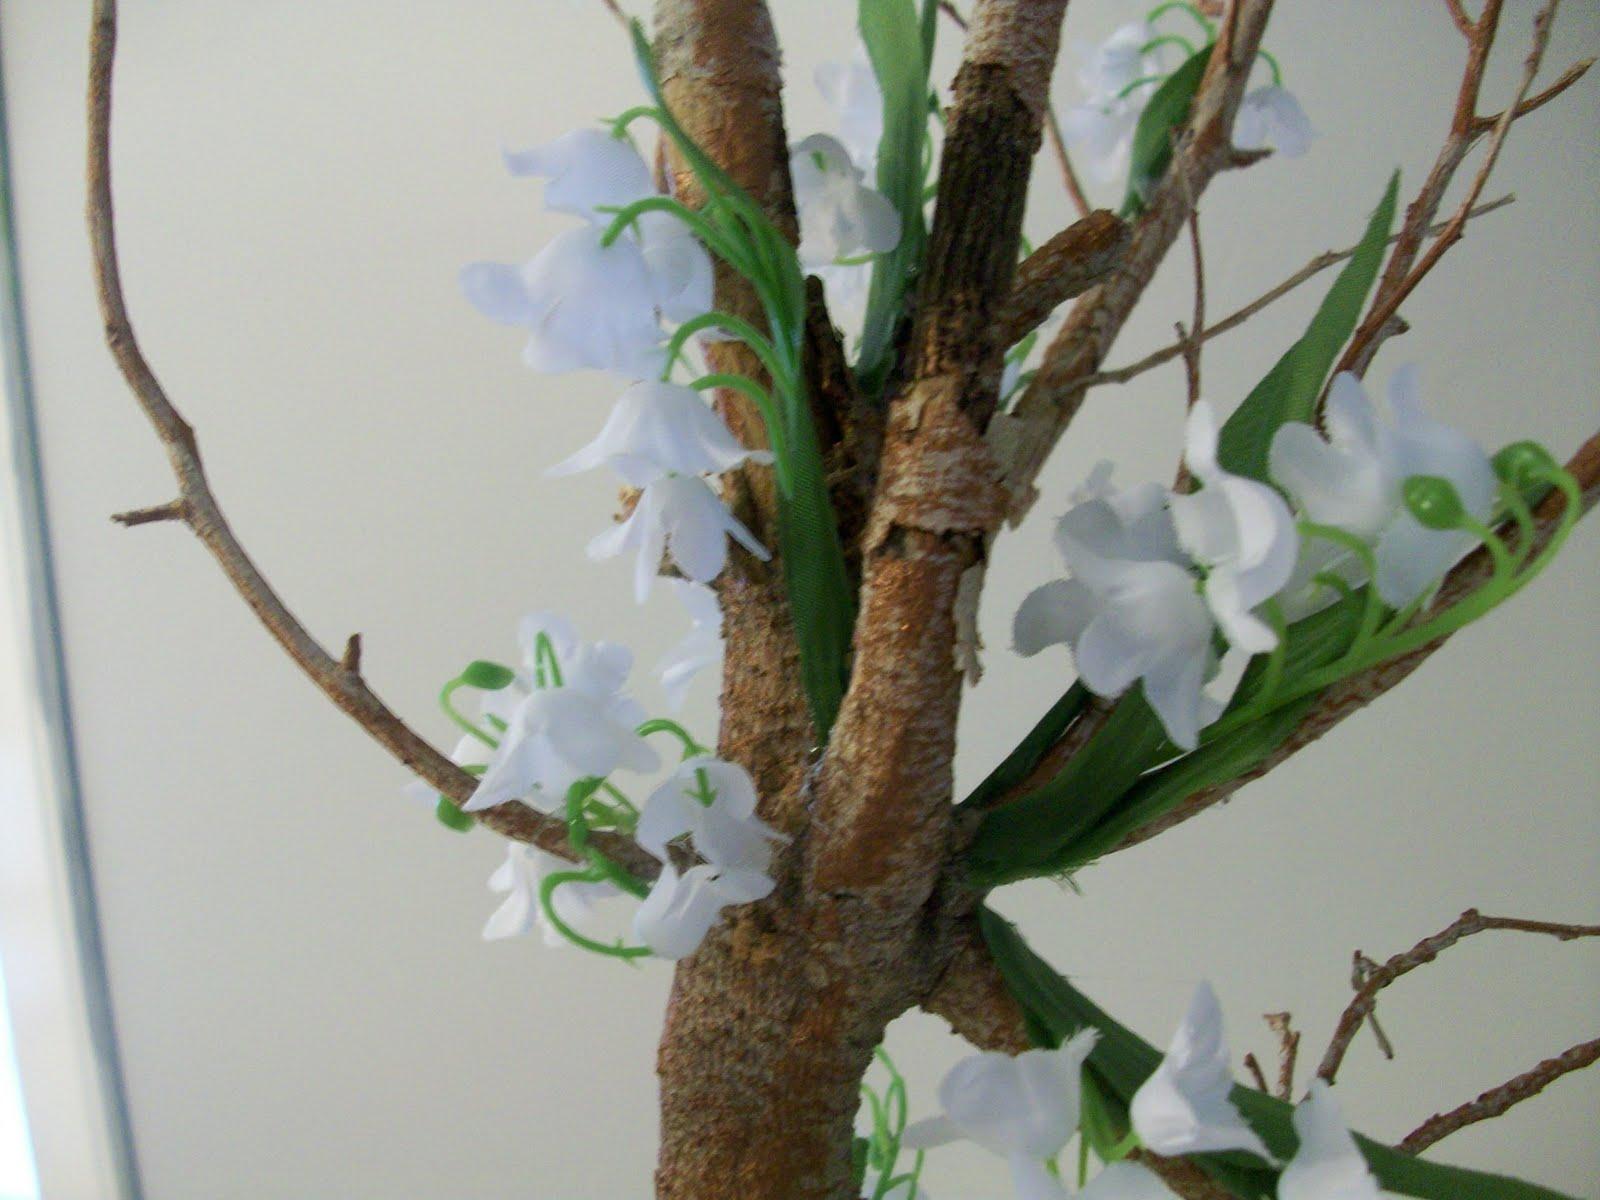 Arreglos con ramas decoradas auto design tech - Ramas decoradas ...